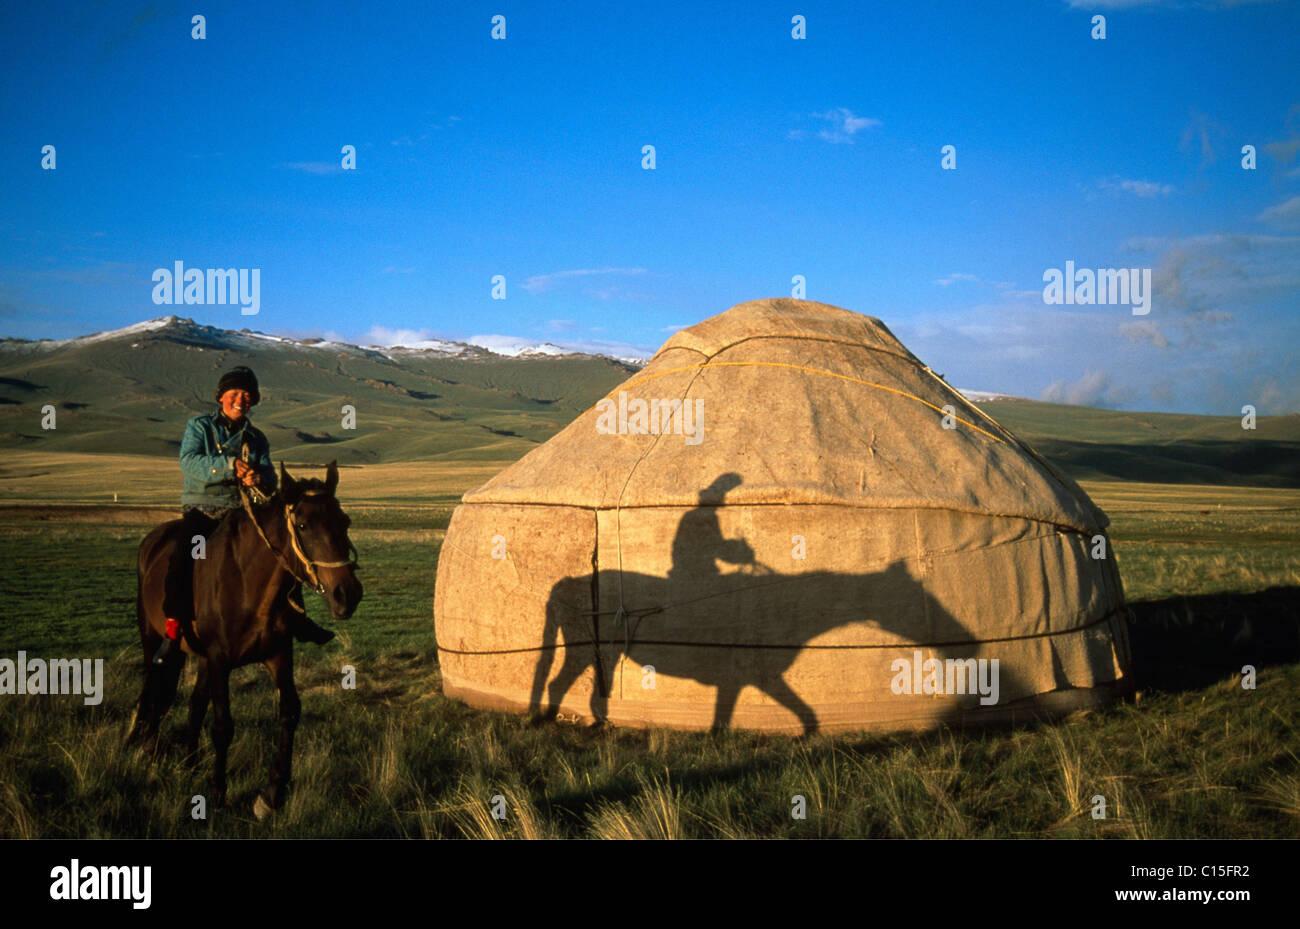 Cavallo e cavaliere di fronte una yurt, Moldo-Too Mountain Range, Song-Kul, Kirghizistan, Asia centrale Immagini Stock